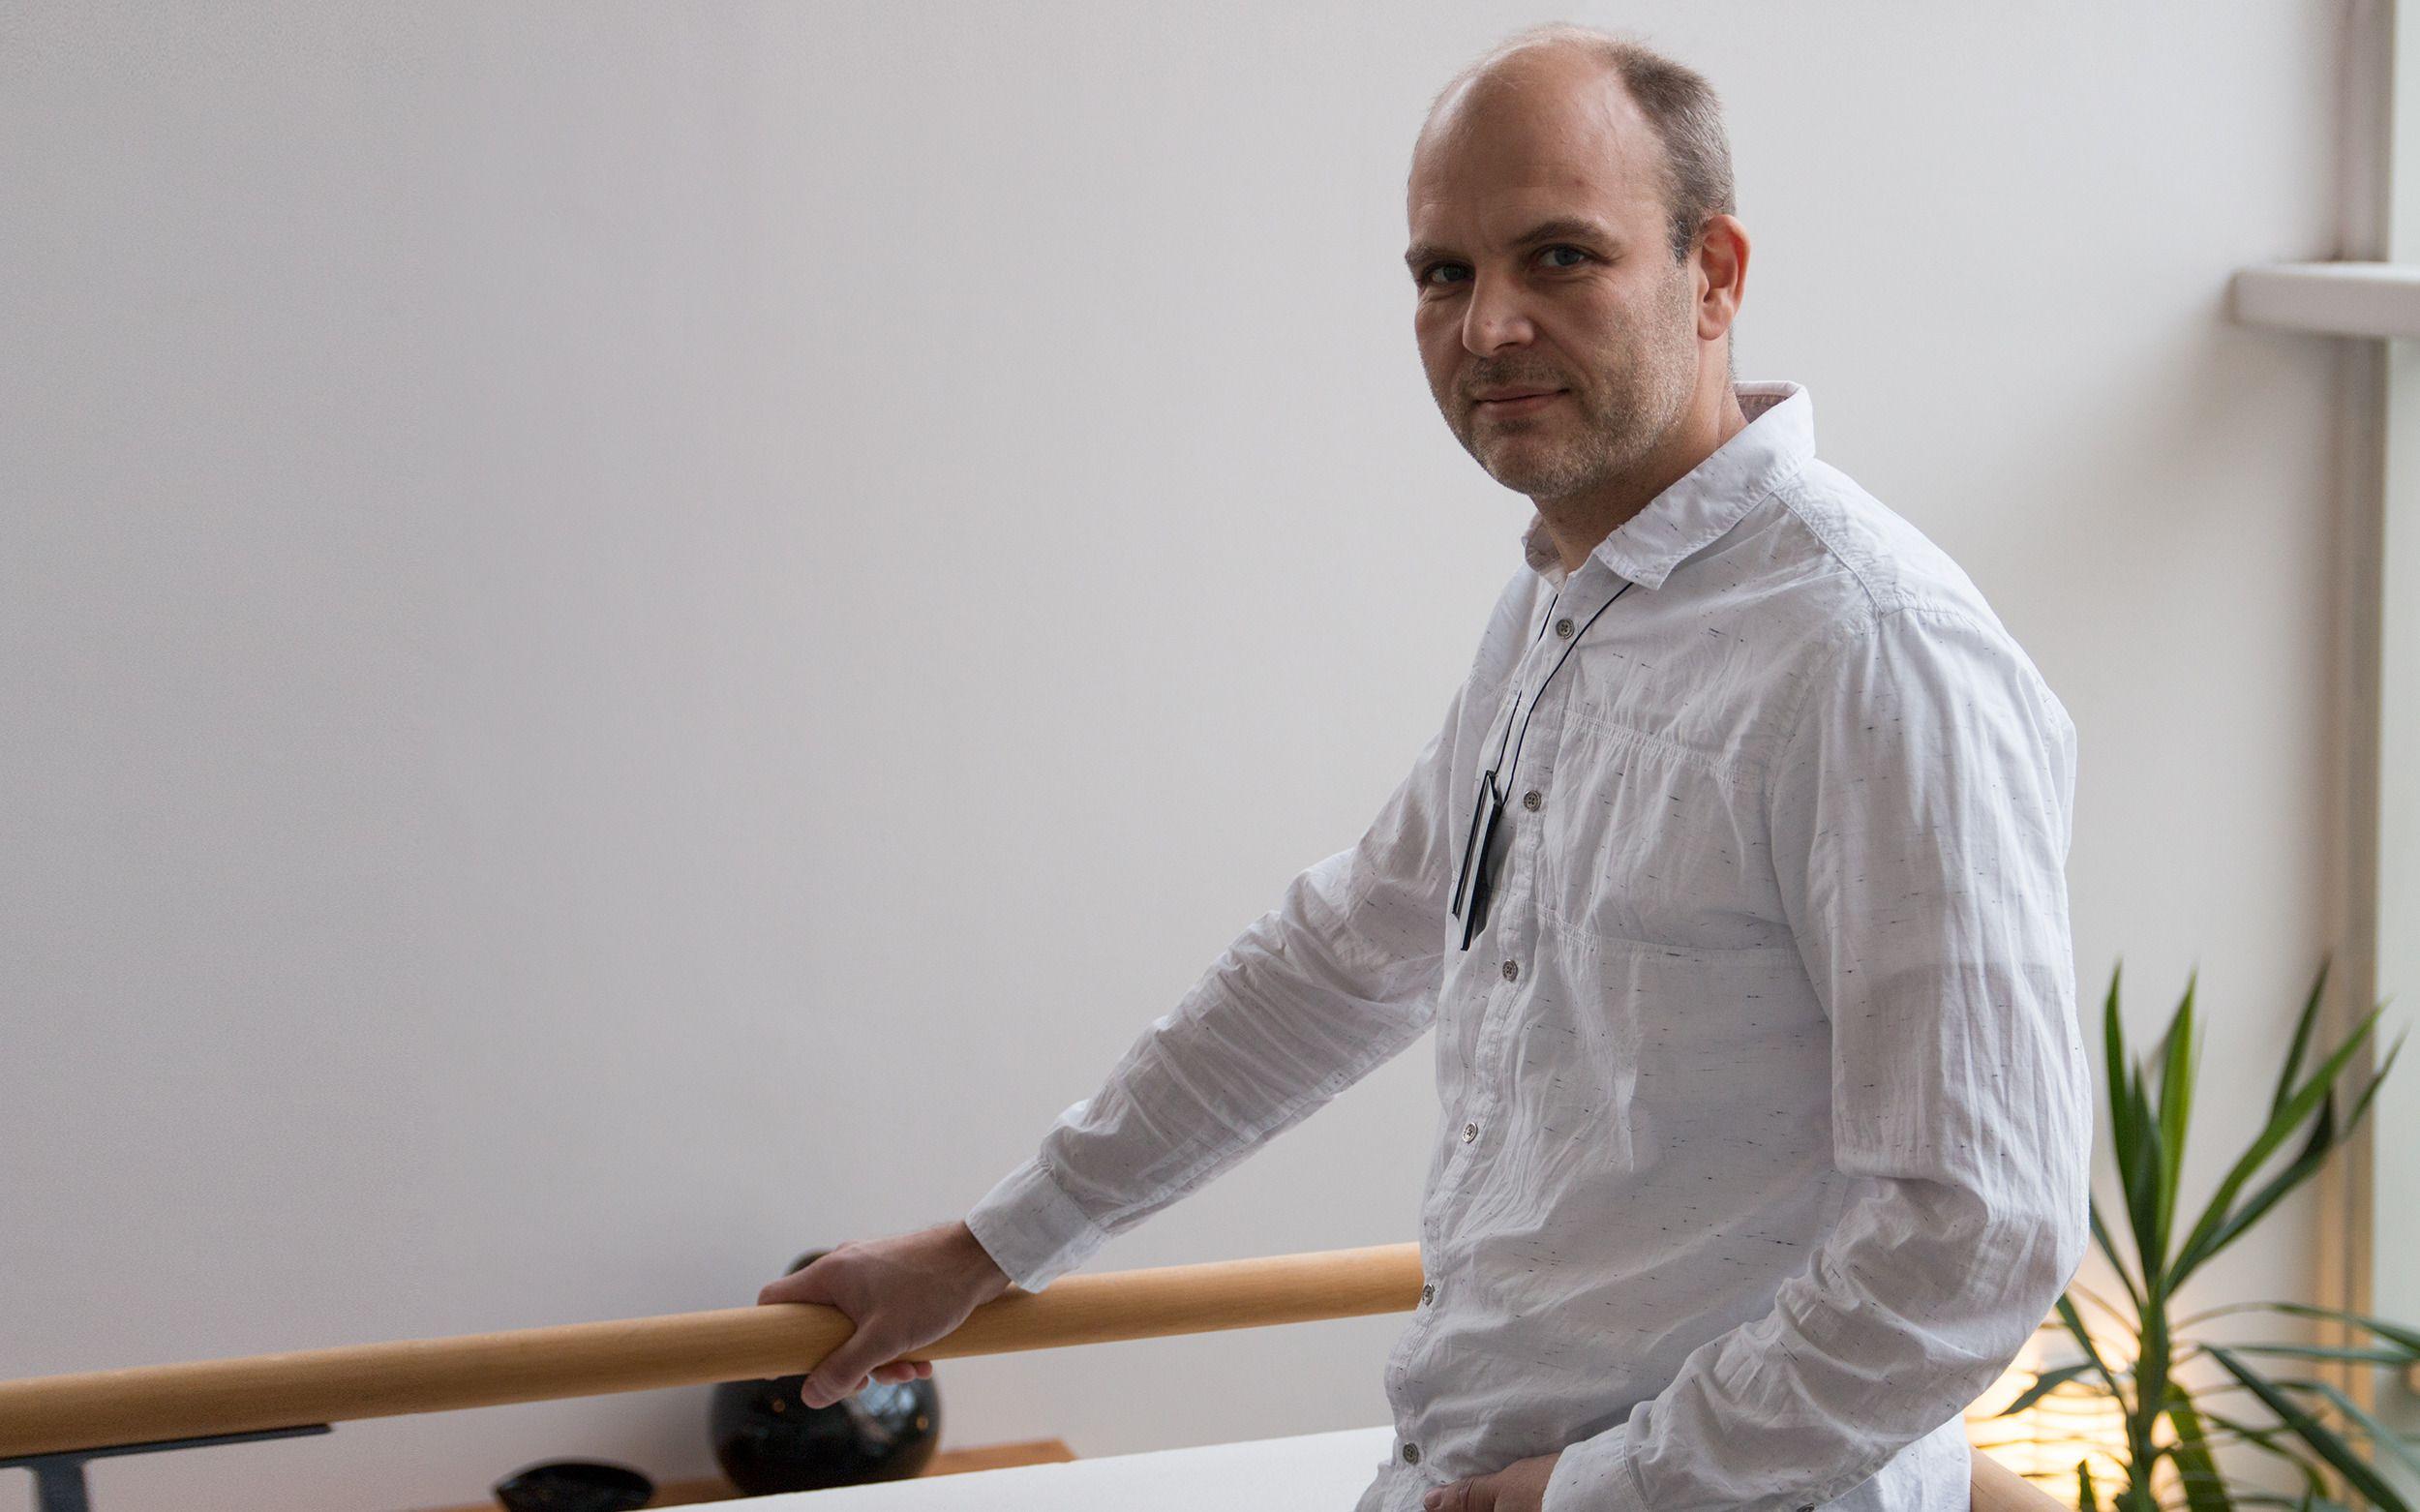 Jørgen Botnan er seksjonssjef i NSM, og snakker forholdsvis fritt om hvordan etaten går frem når den tester sikkerheten til viktige aktører i Norge.Foto: Finn Jarle Kvalheim, Tek.no